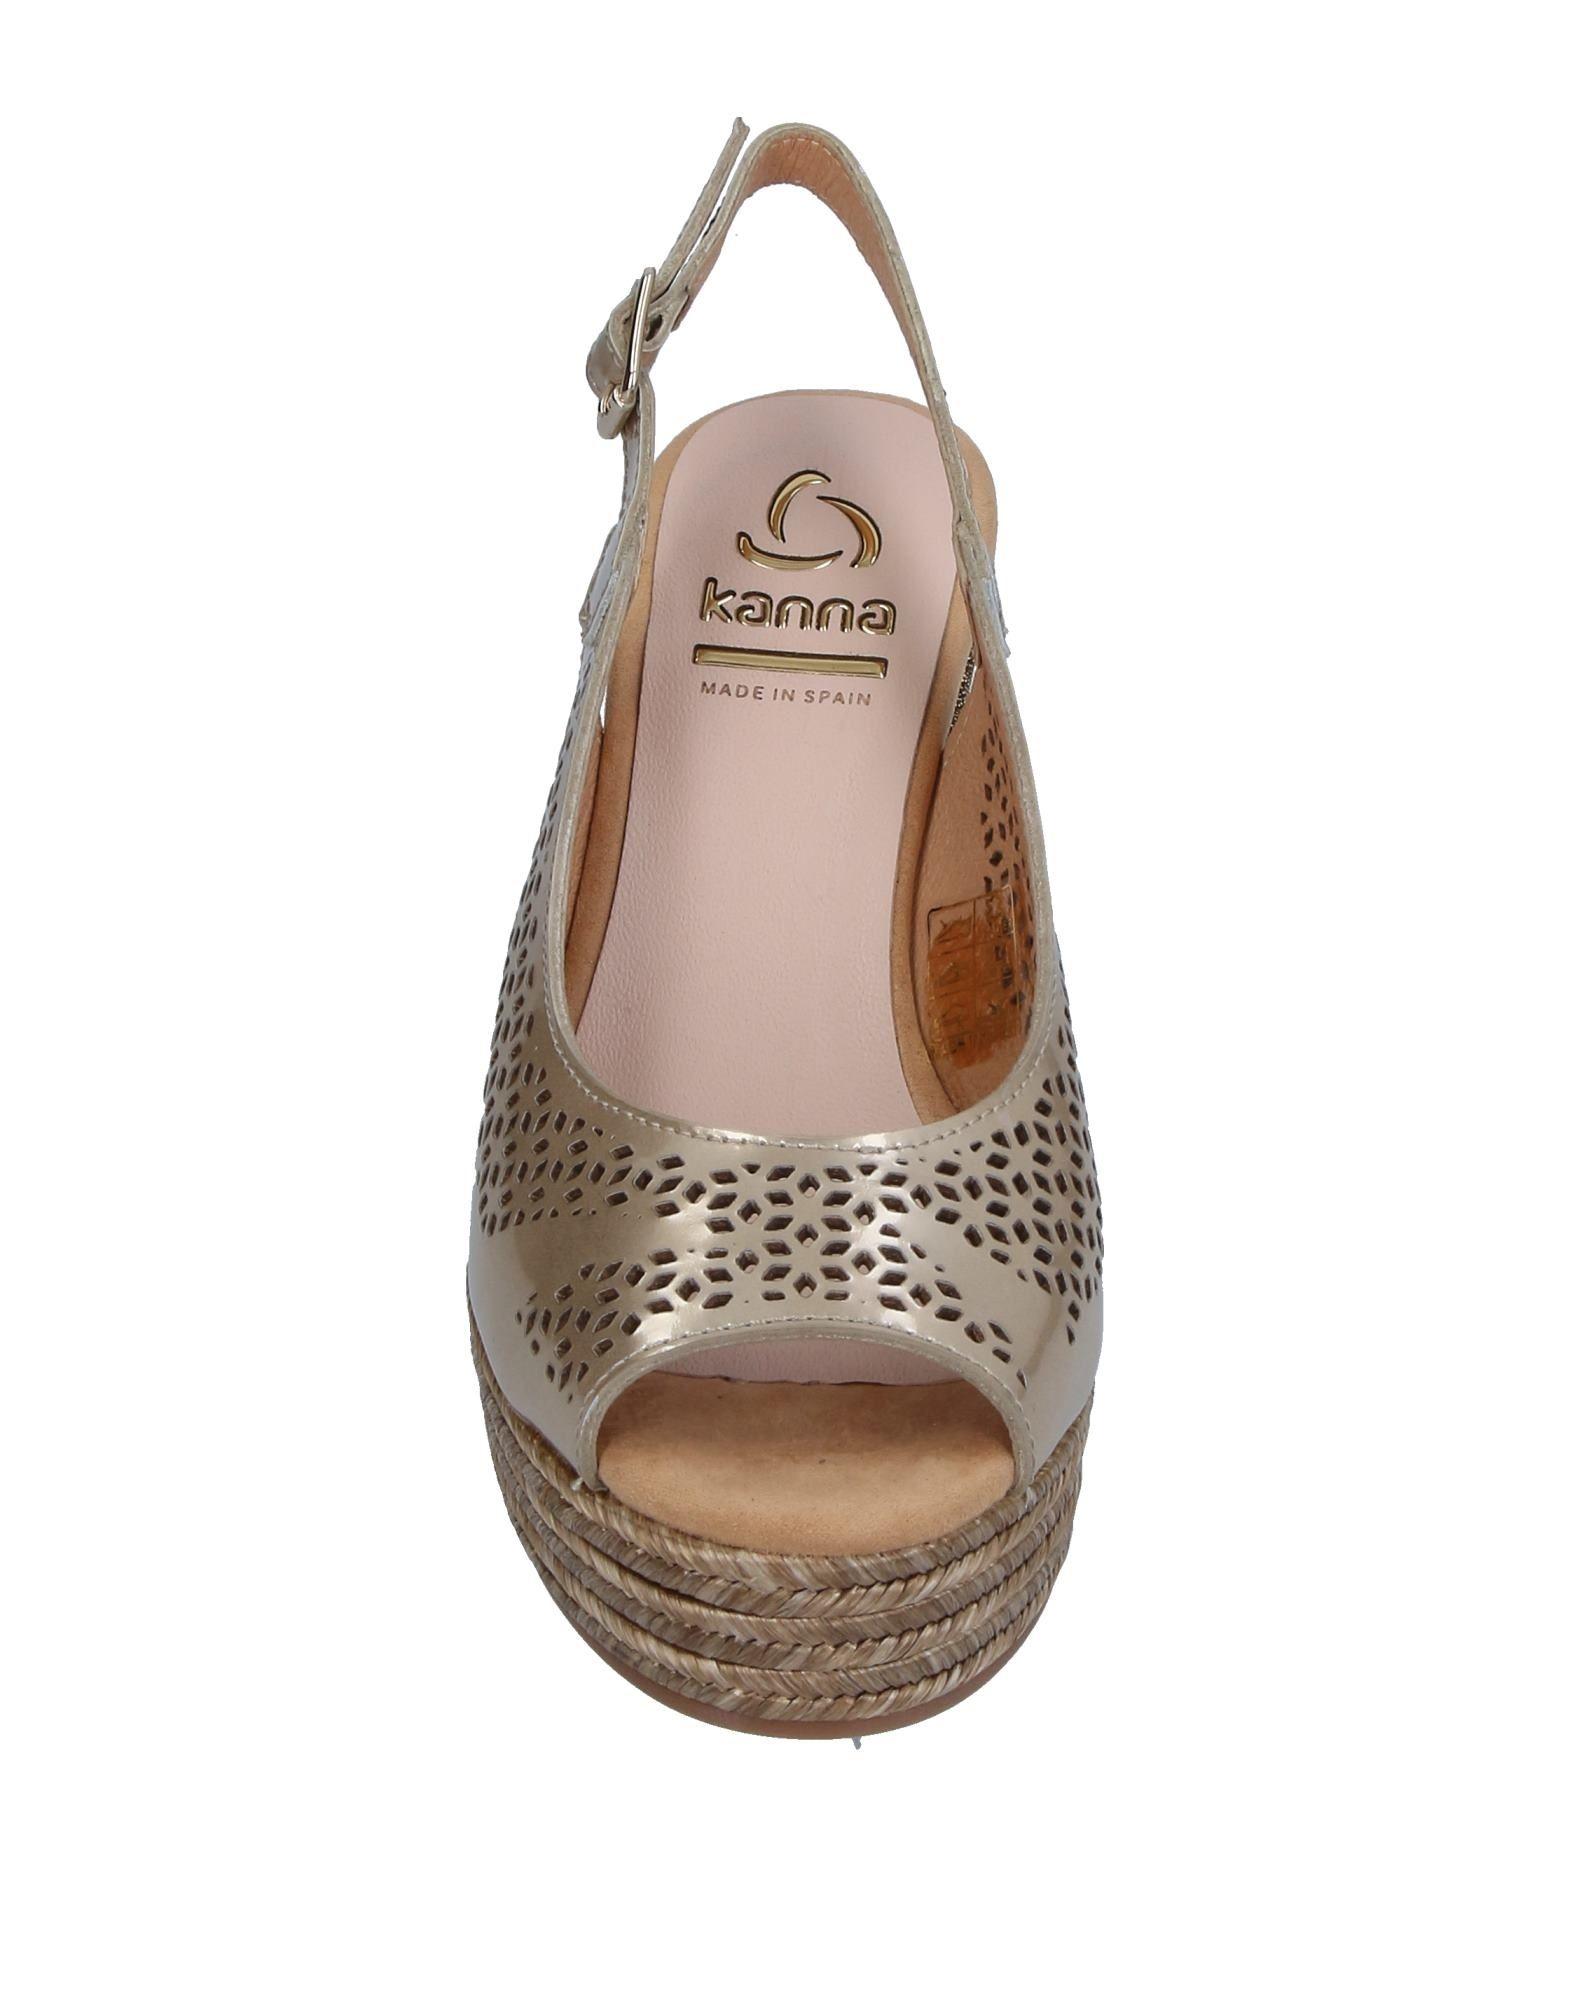 Kanna Espadrilles Damen  11354340AO Gute Qualität beliebte Schuhe